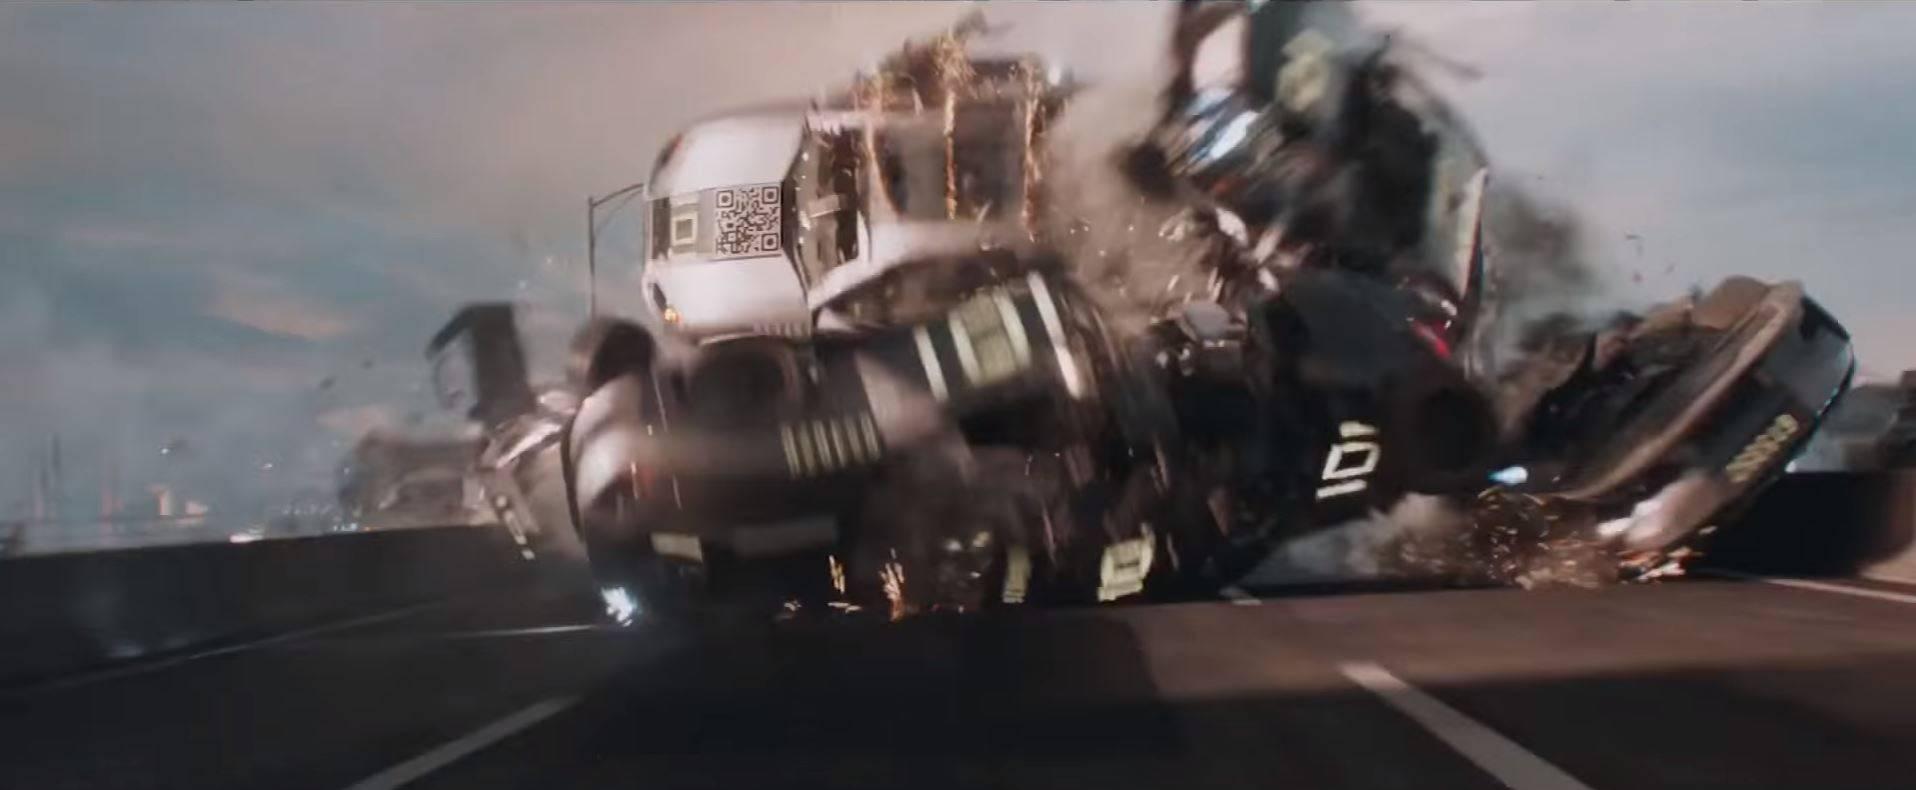 Стальной гигант и ДеЛориан: все пасхалки и отсылки в трейлере «Первому игроку приготовиться» 16